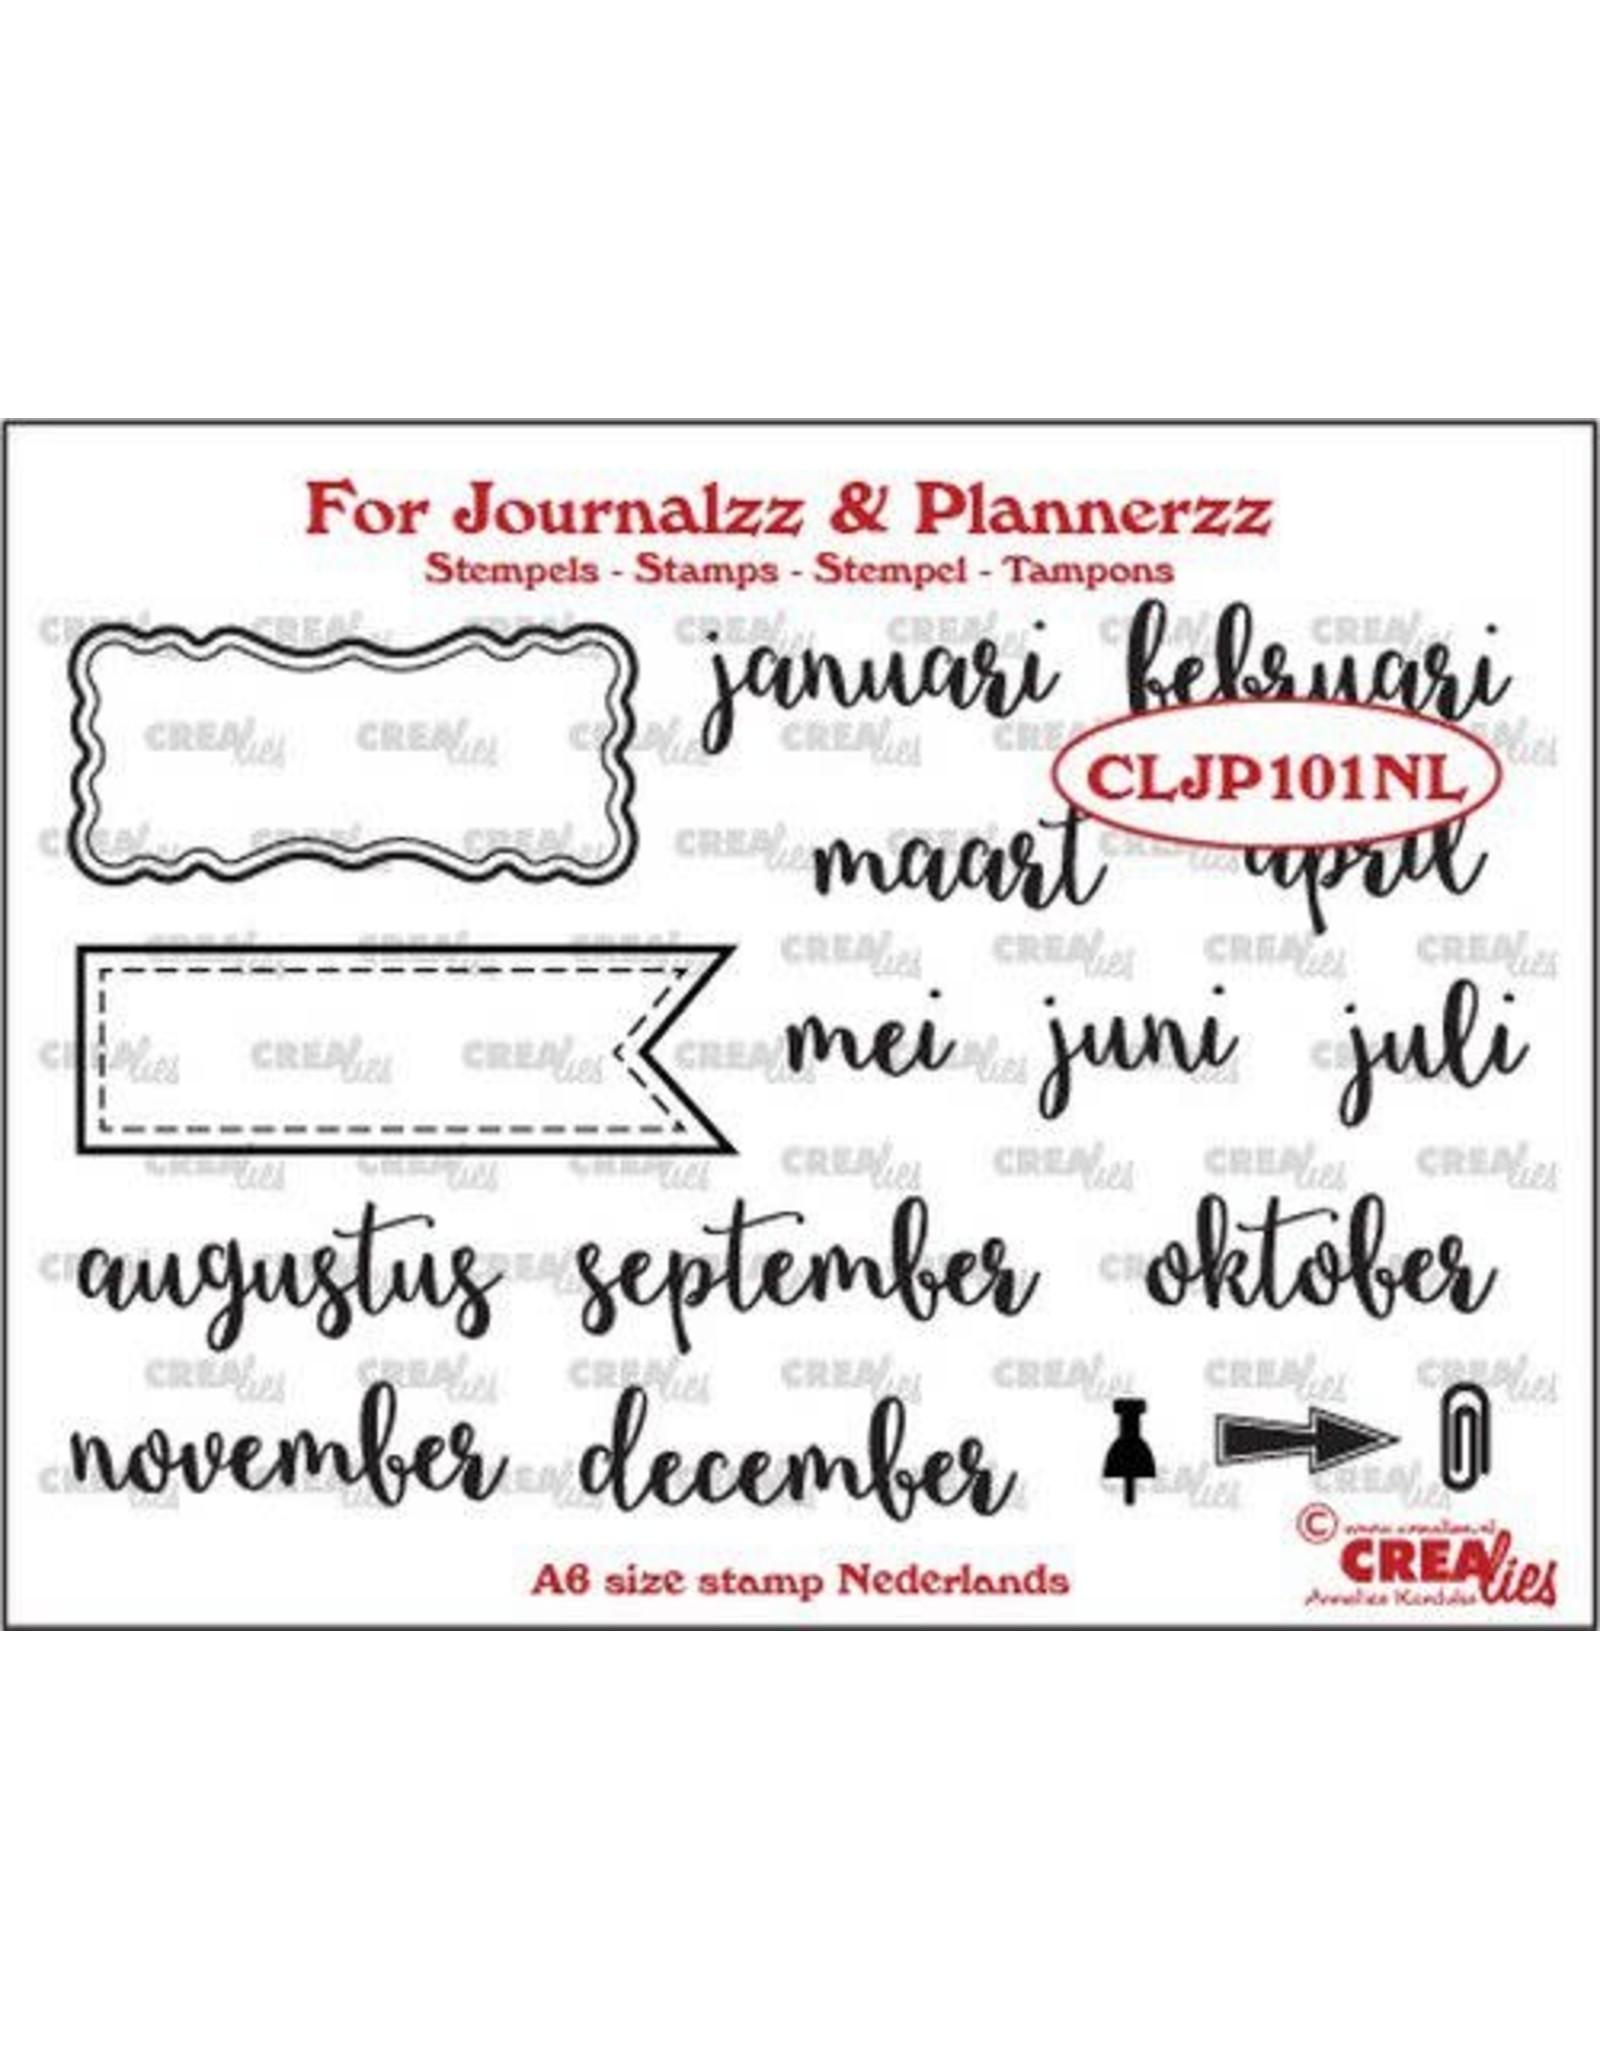 Crealies Crealies Journalzz & Pl Stempels maanden NL CLJP101NL A6